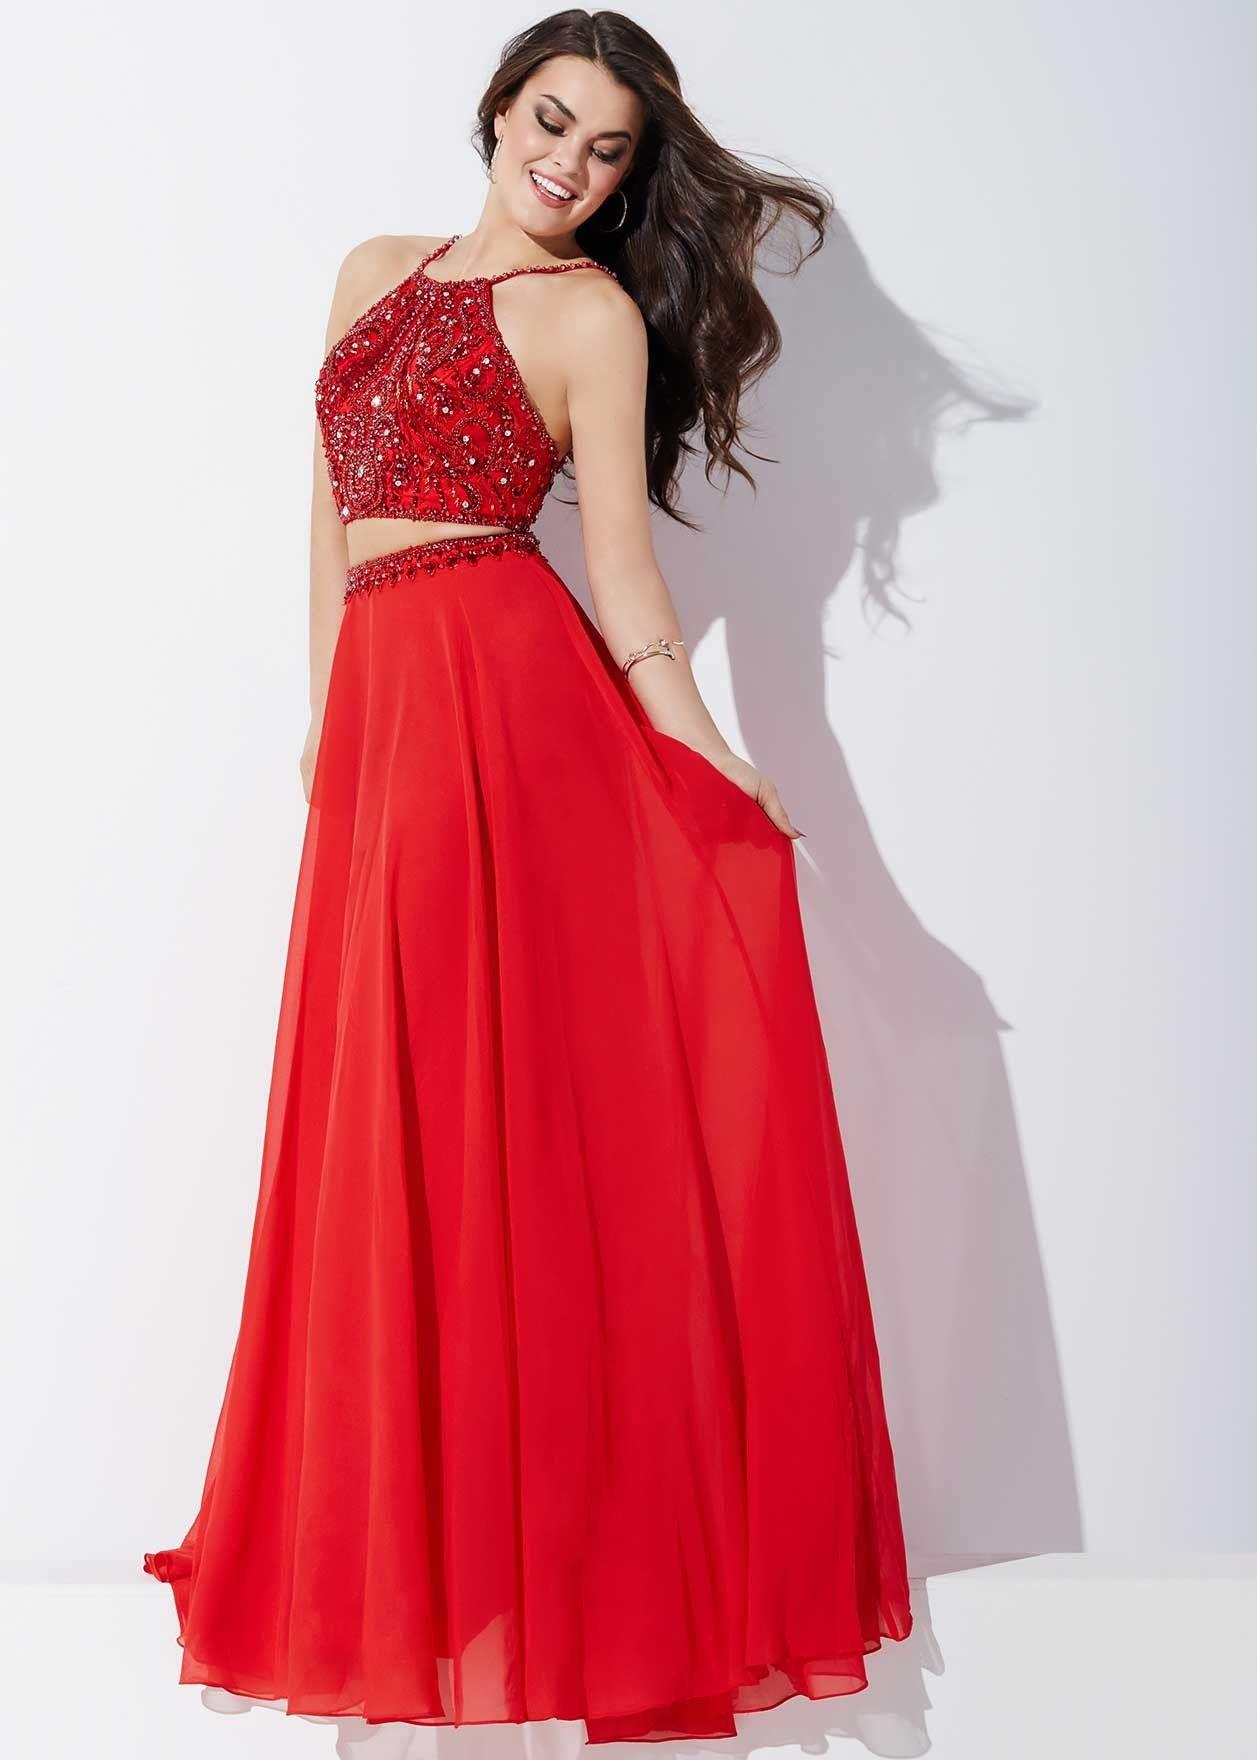 Jovani regal two piece red chiffon prom dress final dress